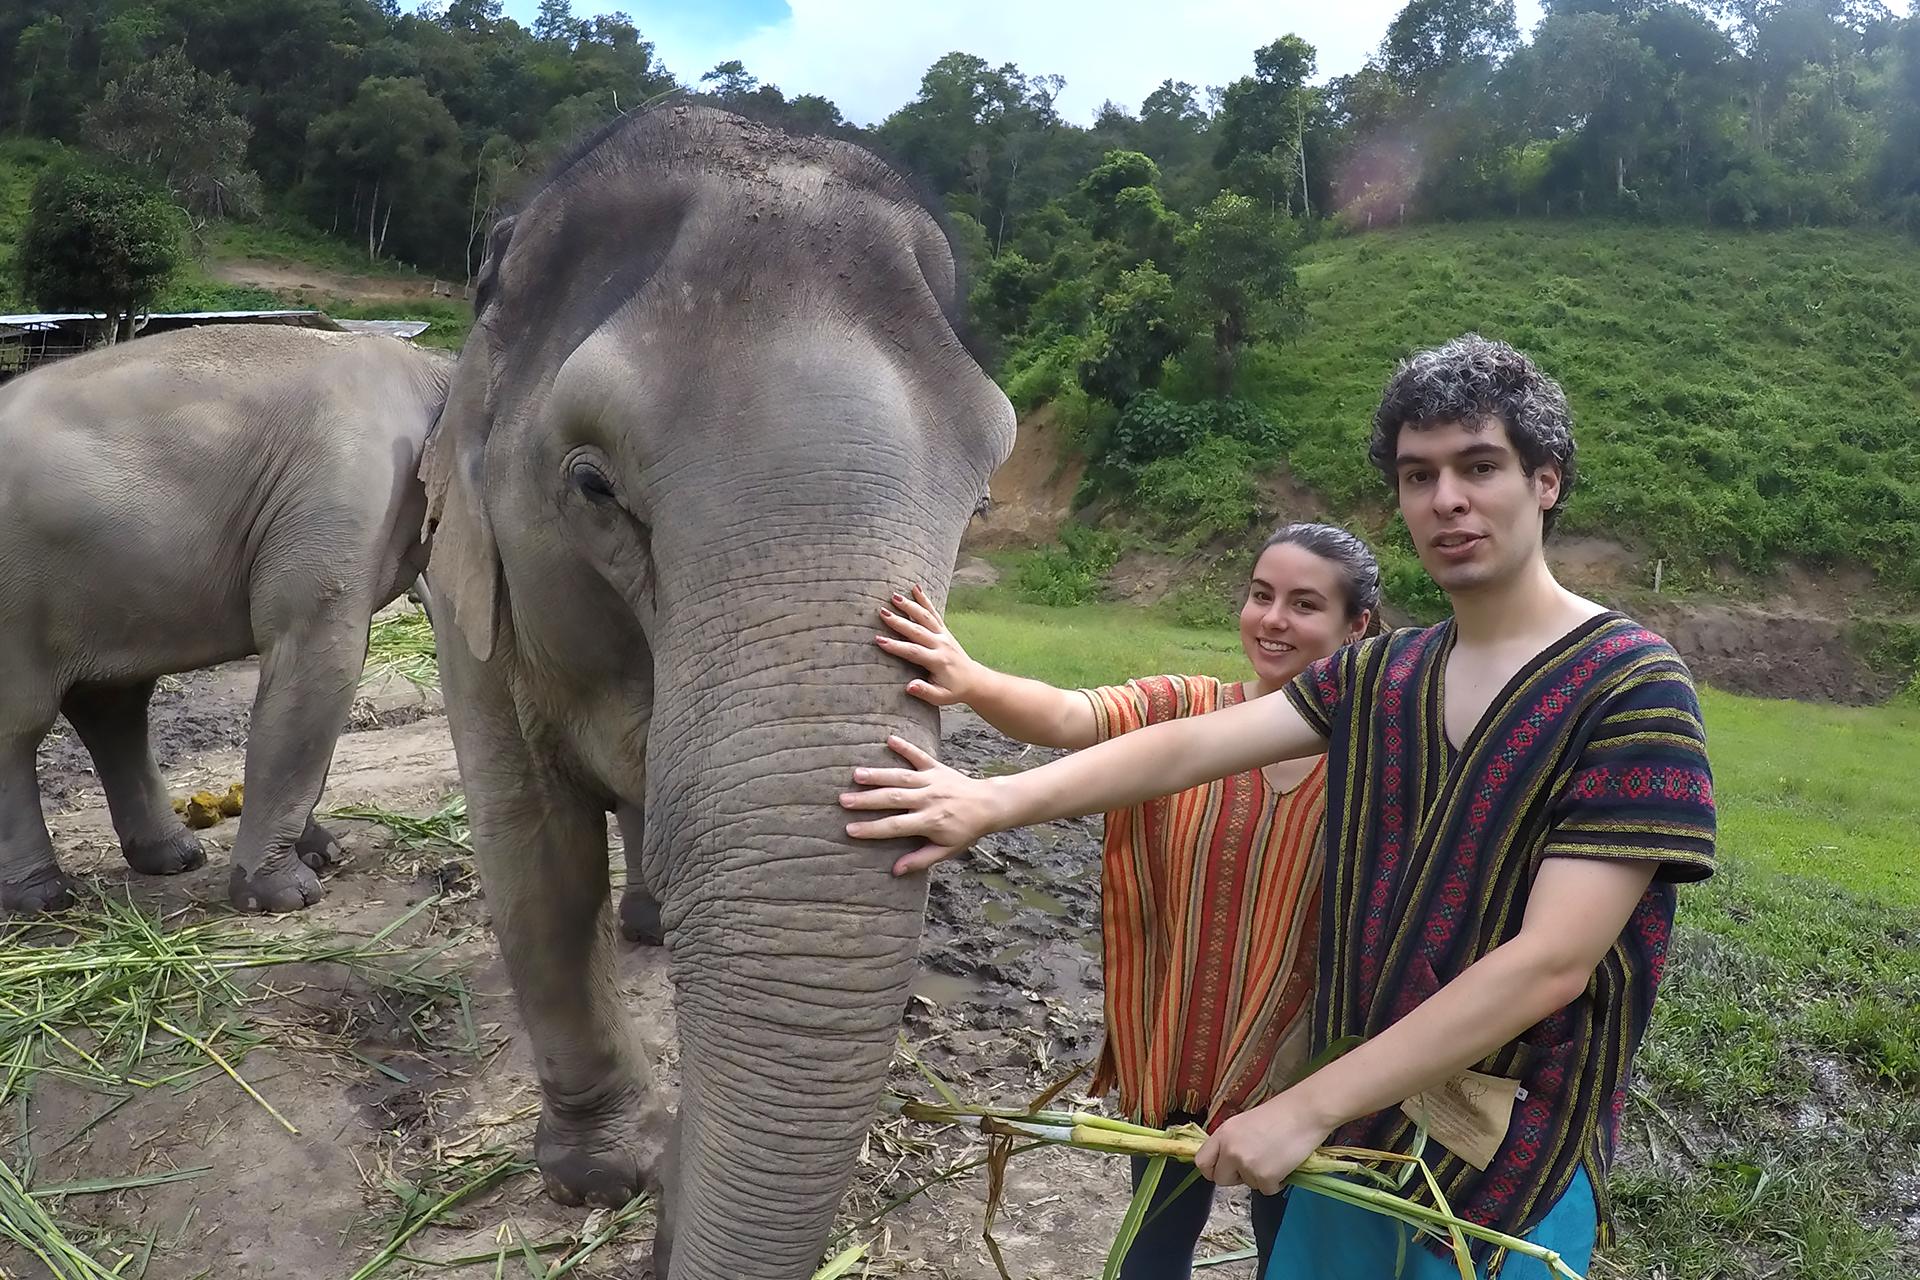 santuario-de-elefantes-em-chiang-mai